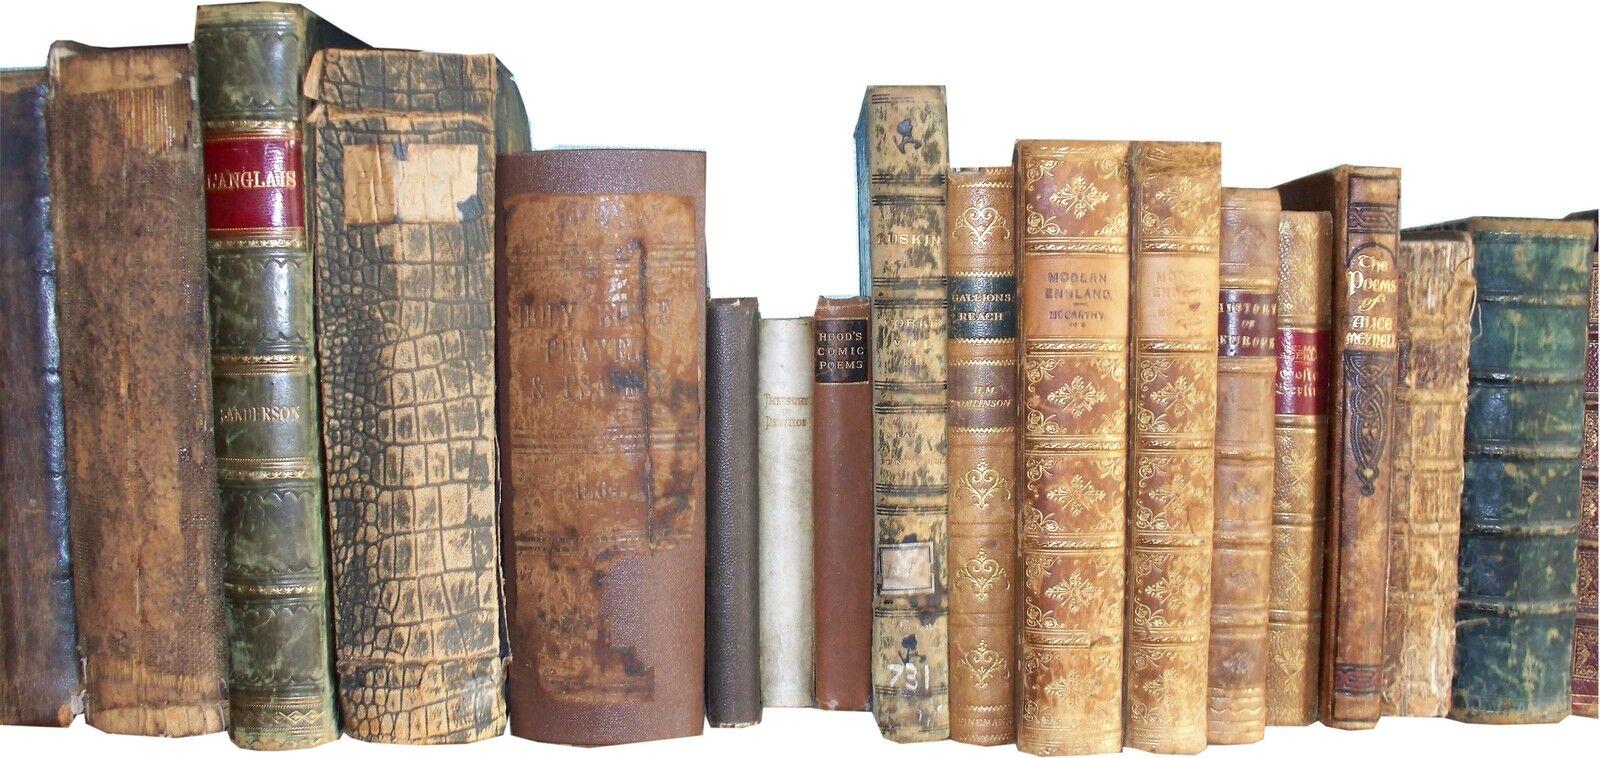 blazinbooks